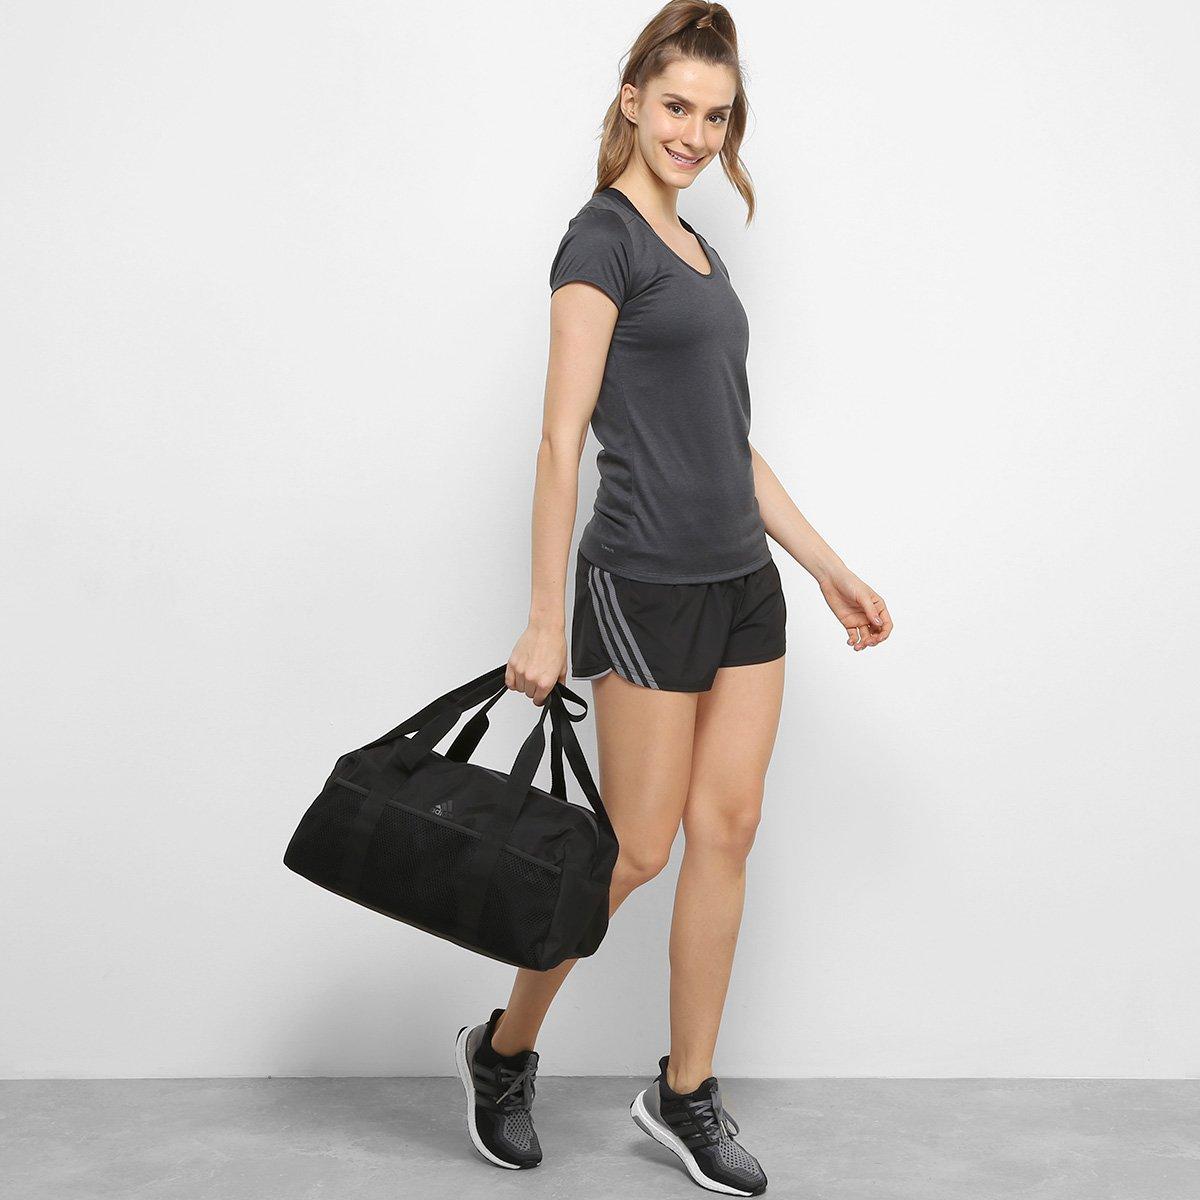 d5bcd5e26 Mala Adidas Treino Core Feminina | Livelo -Sua Vida com Mais Recompensas